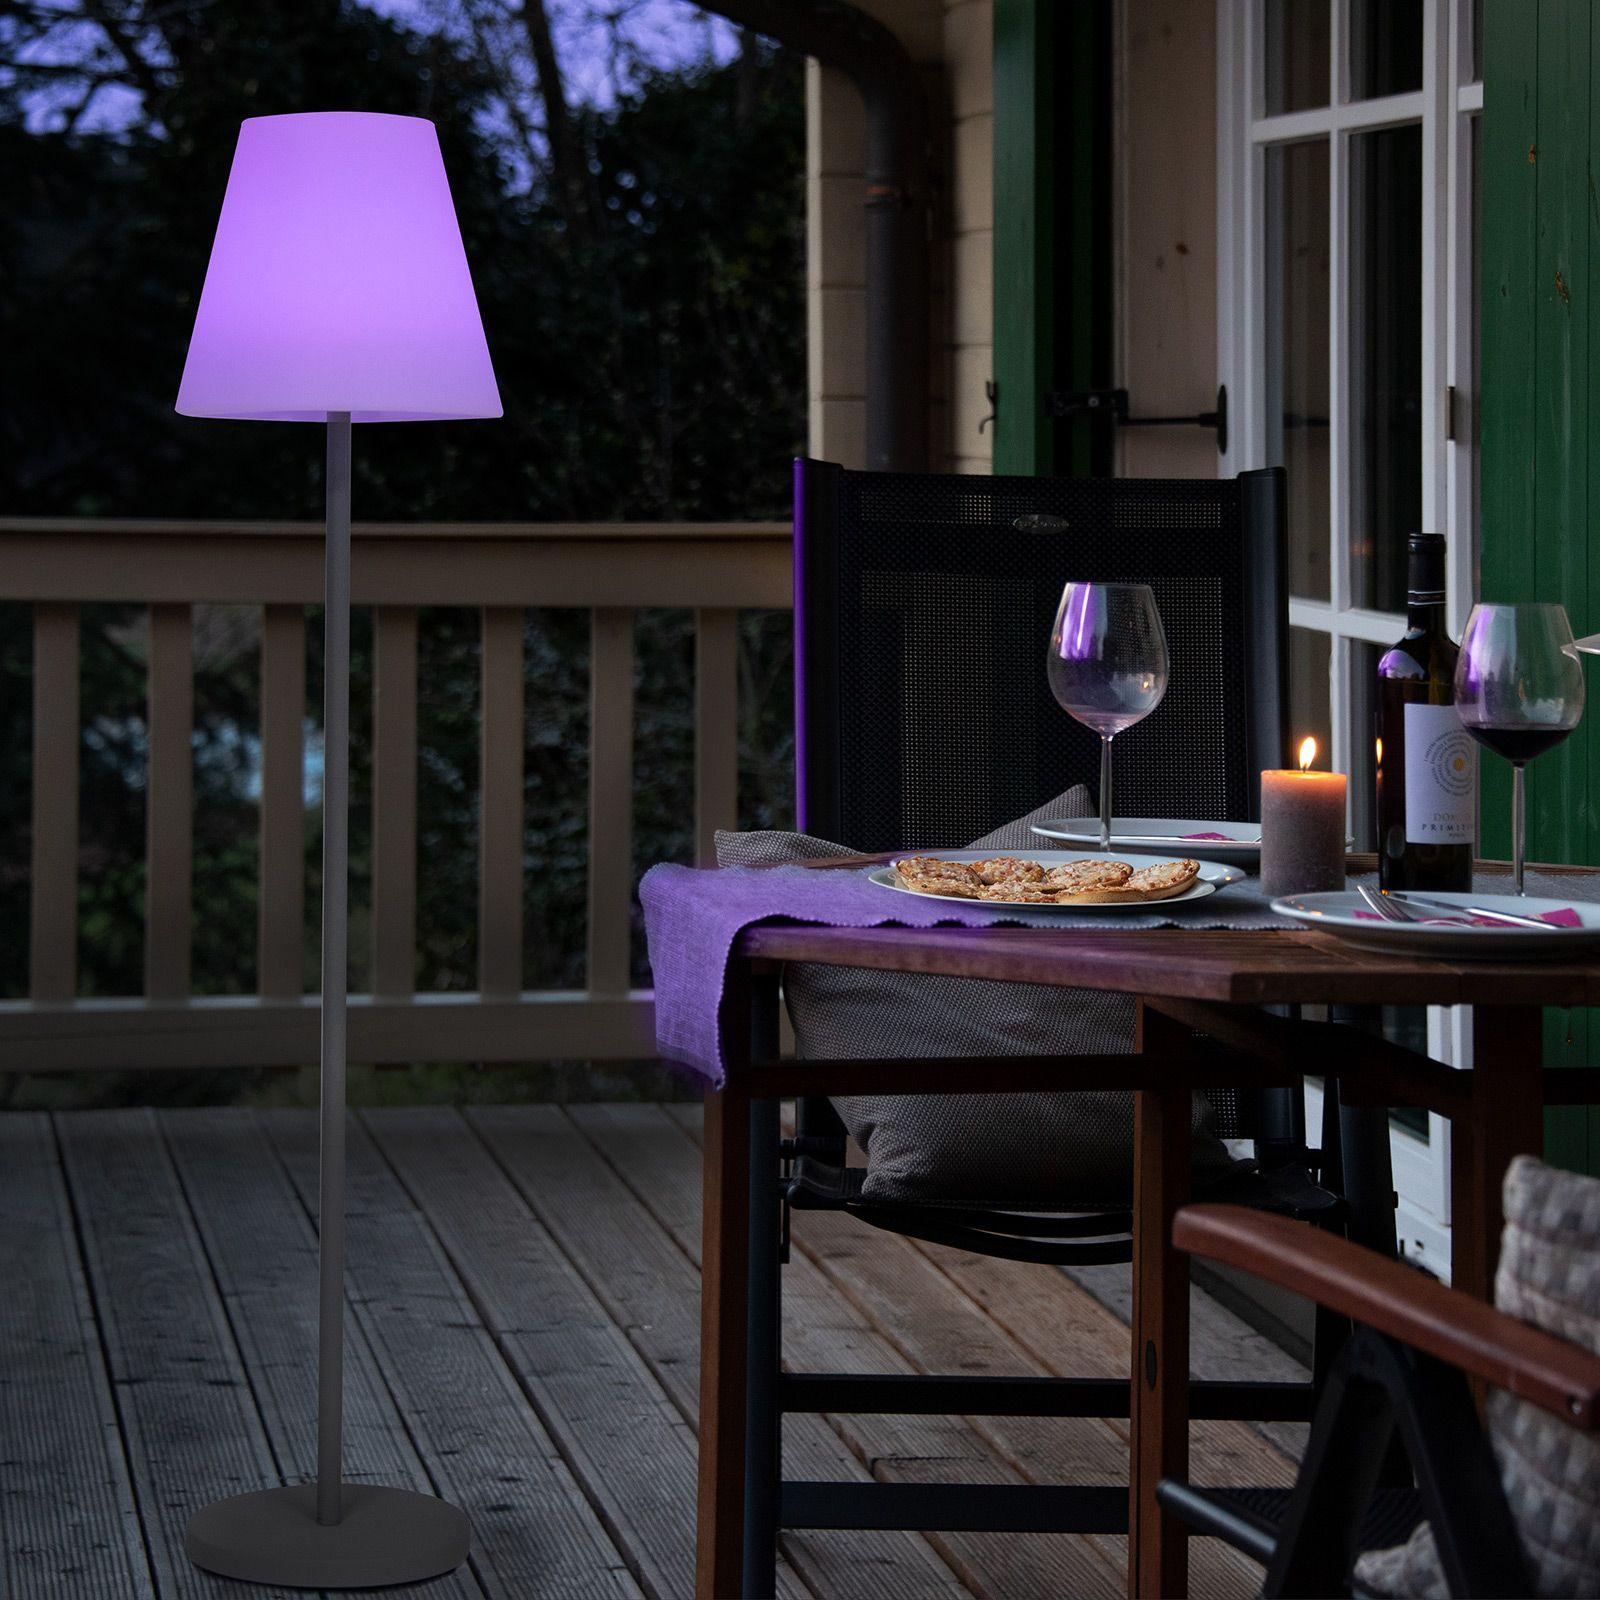 LED vloerlamp solar Menorca kleurverandering IP44